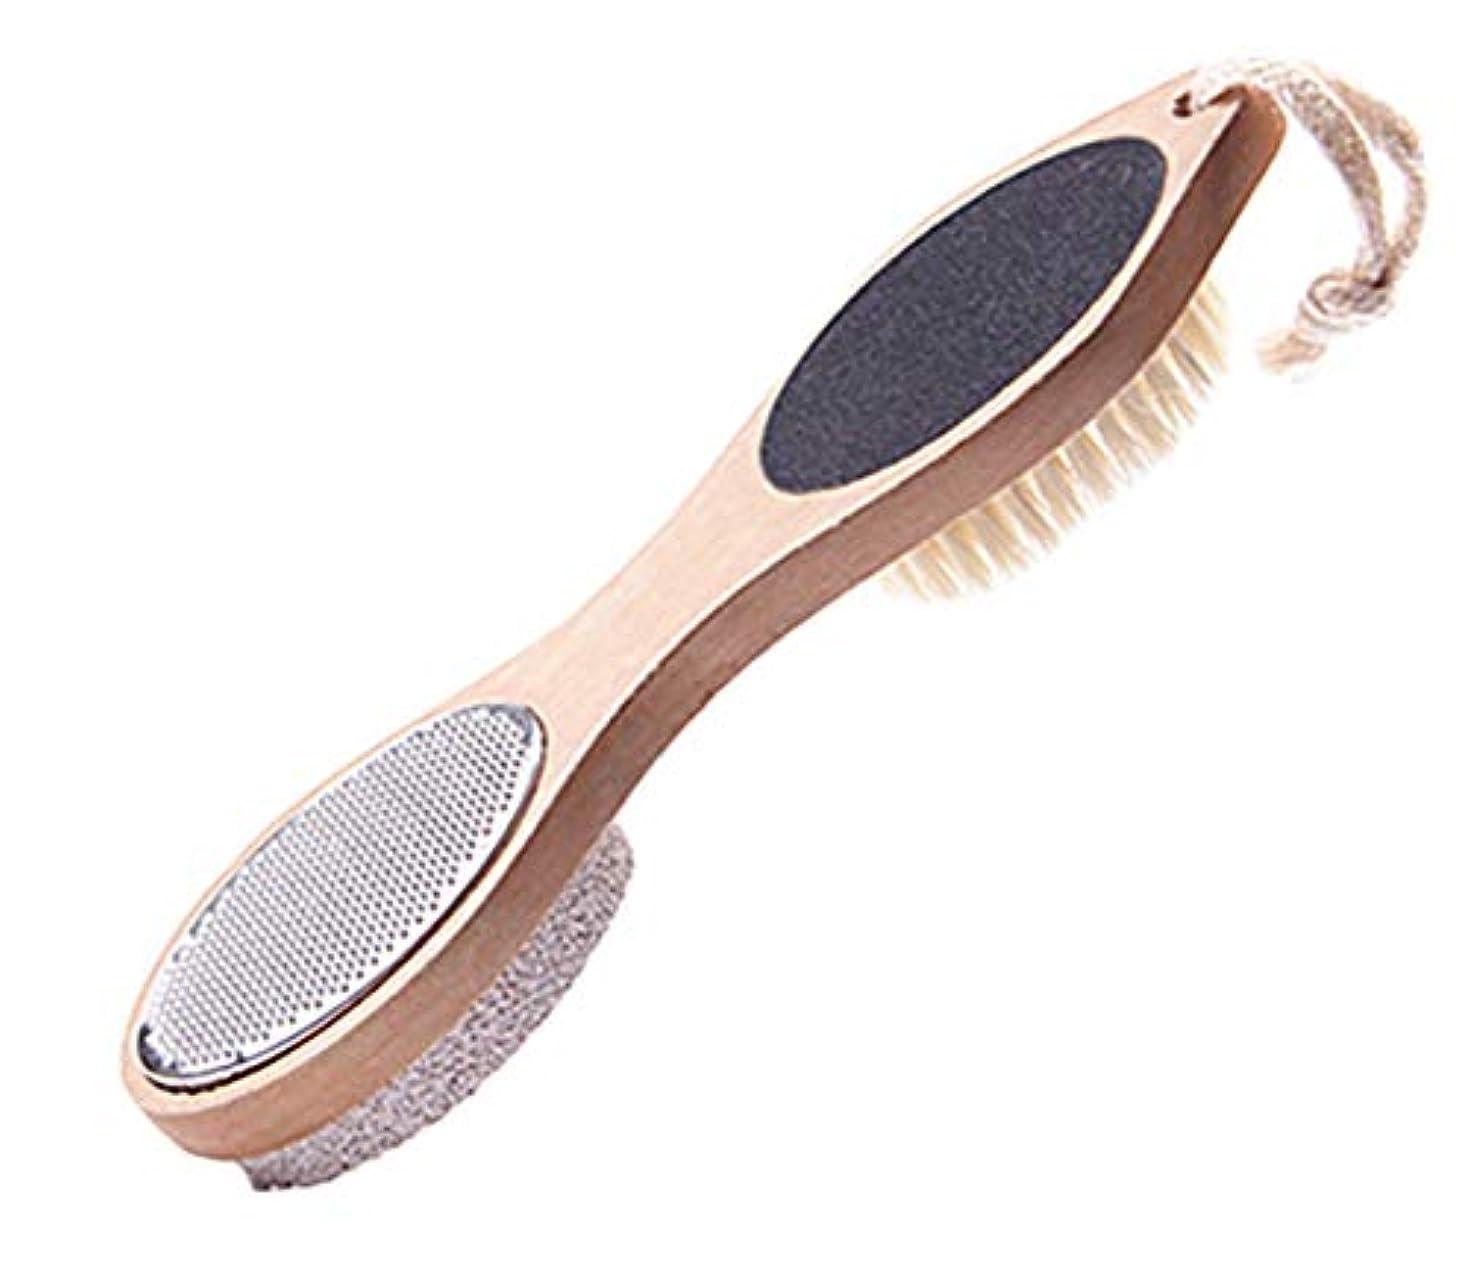 弁護人ファーザーファージュ休暇Maltose フットファイル 脚裏ブラシ 豚毛 軽石 四つ用途フットブラシ フットメジ 角質.魚の目やすり 足用 足の裏ブラシ かかと削り